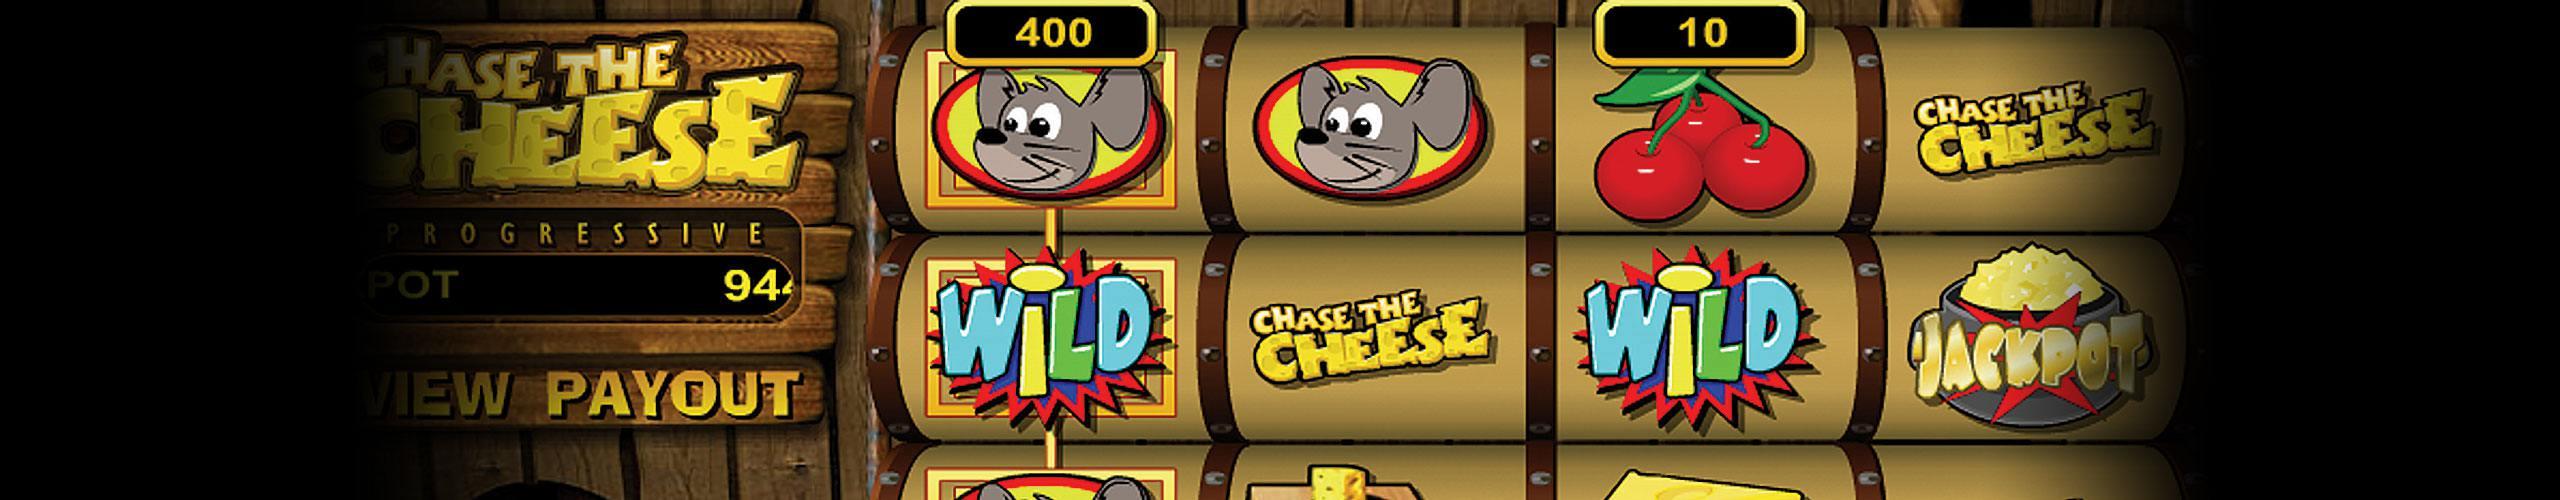 Chase the cheese™ Slot spel spela gratis i BetSoft Online Casinon